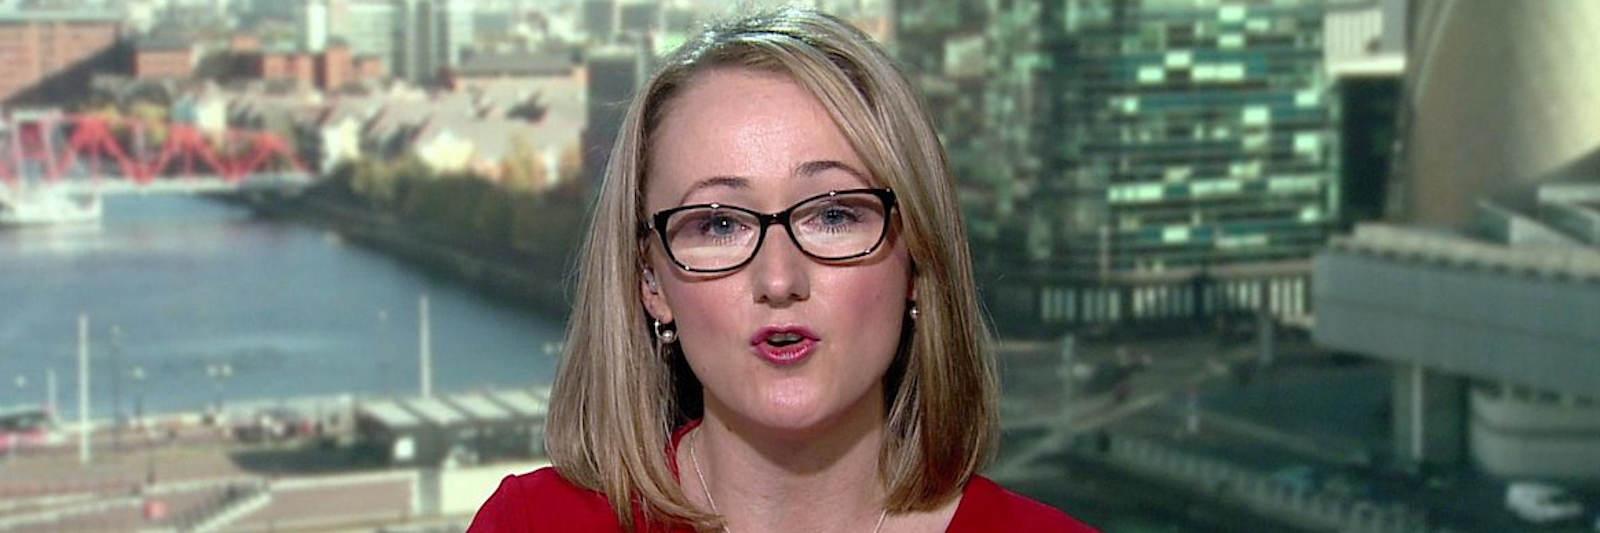 Rebecca Long-Bailey leasehold